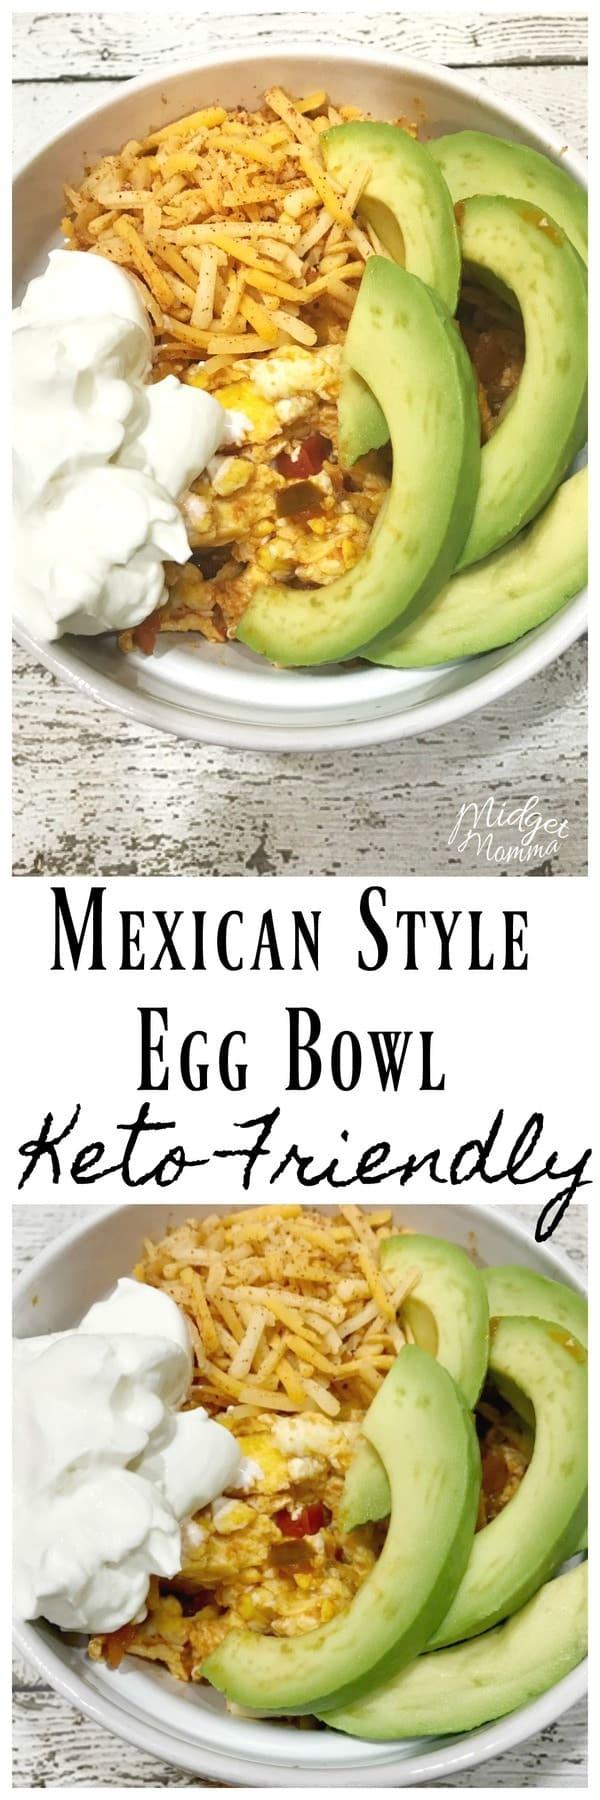 keto friendly mexican egg bowl midgetmomma